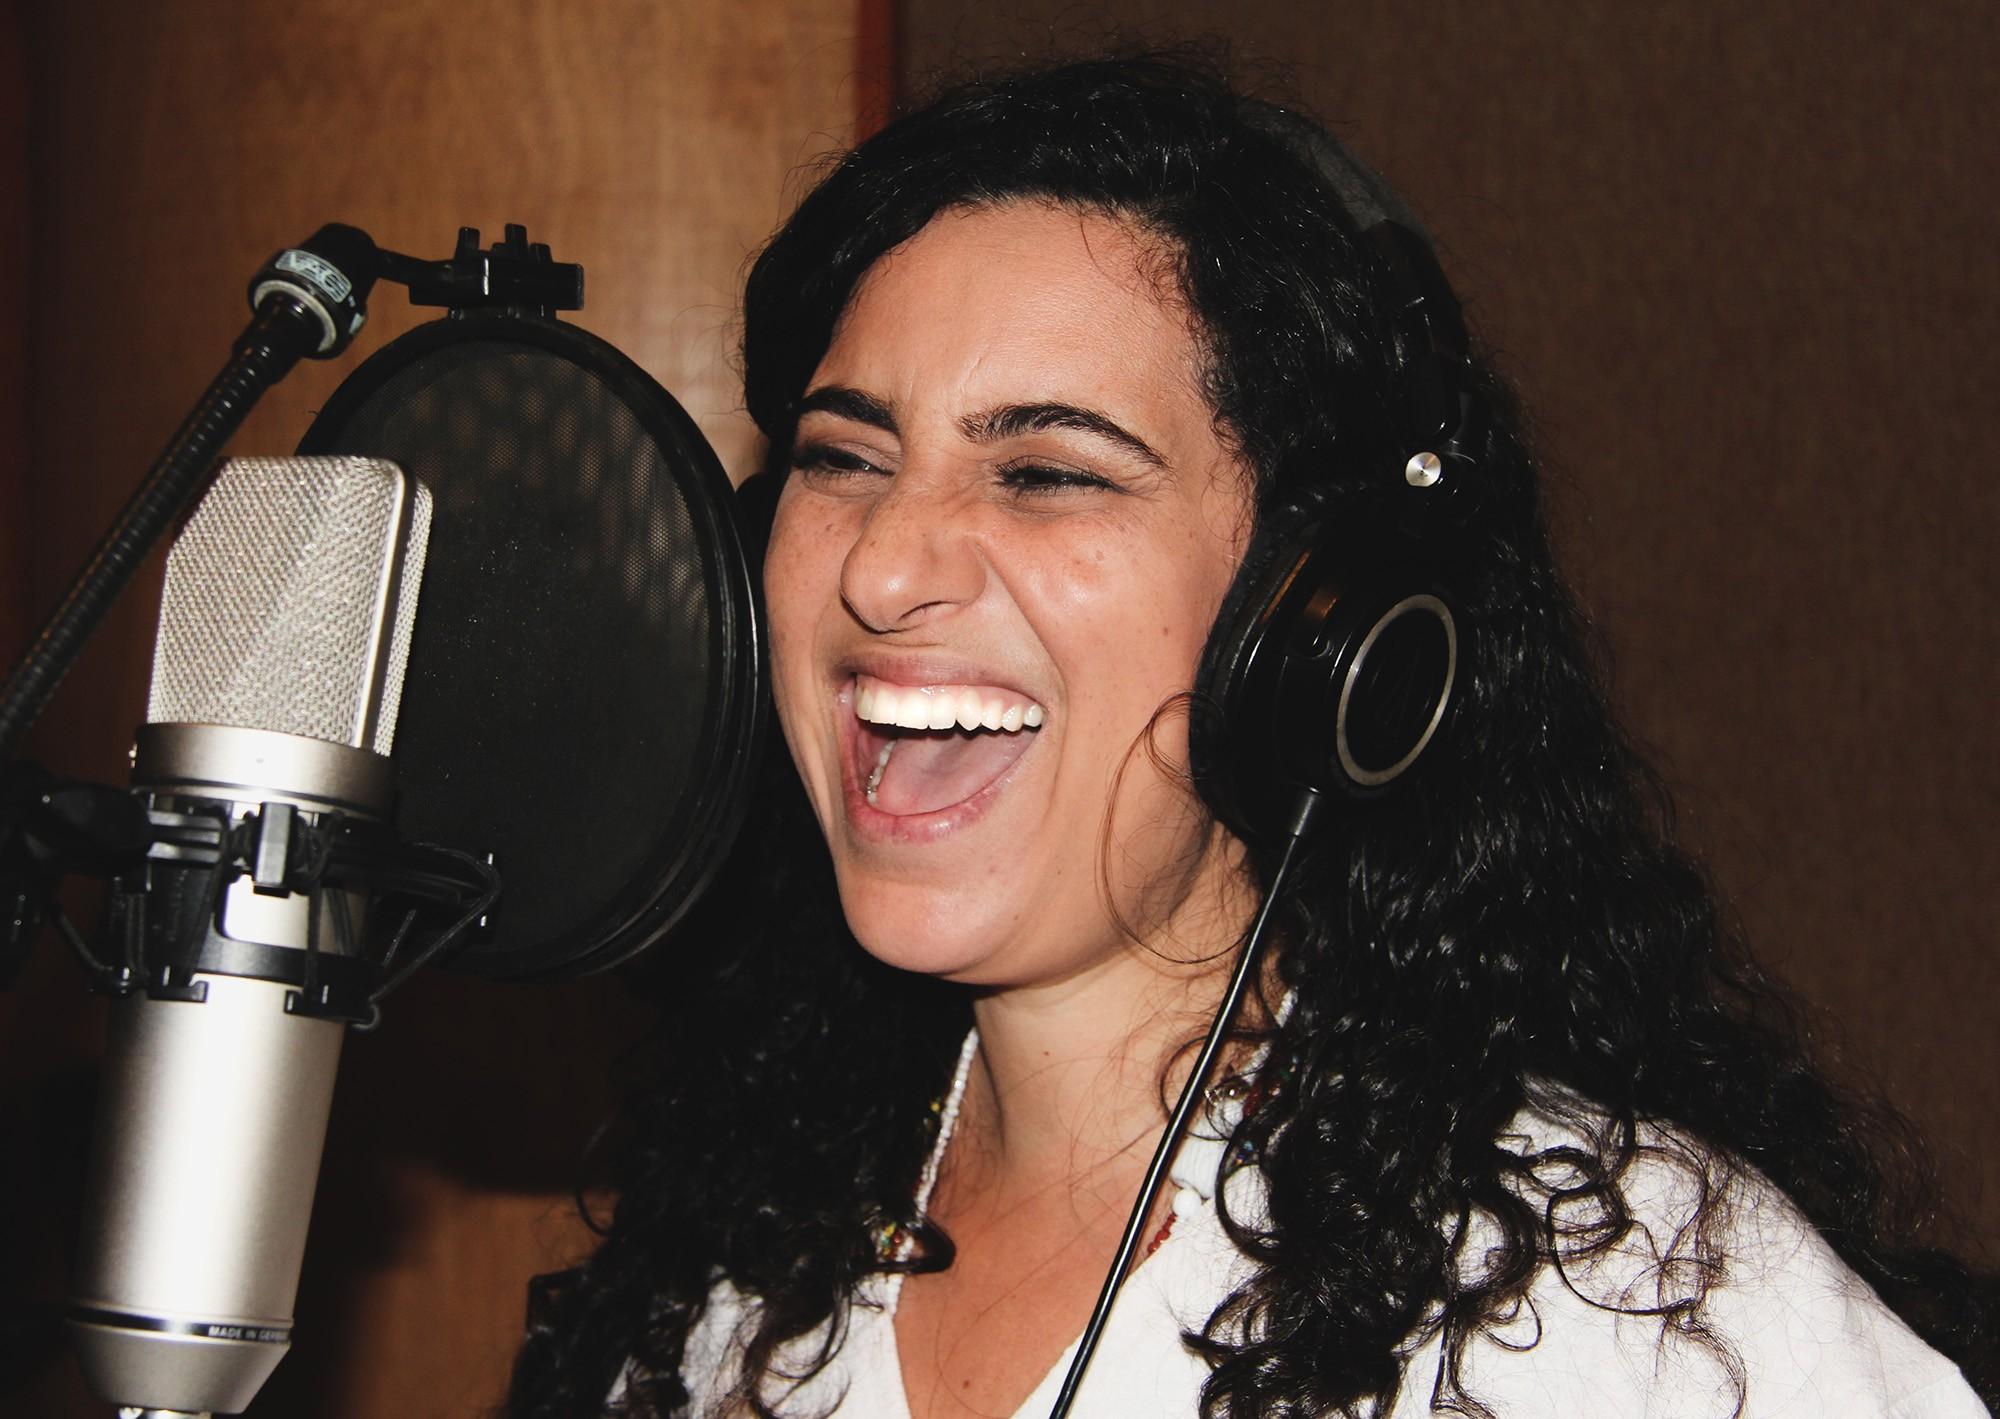 Aline Calixto grava álbum 'Pontinhos de amor' para apresentar os orixás ao público infantil